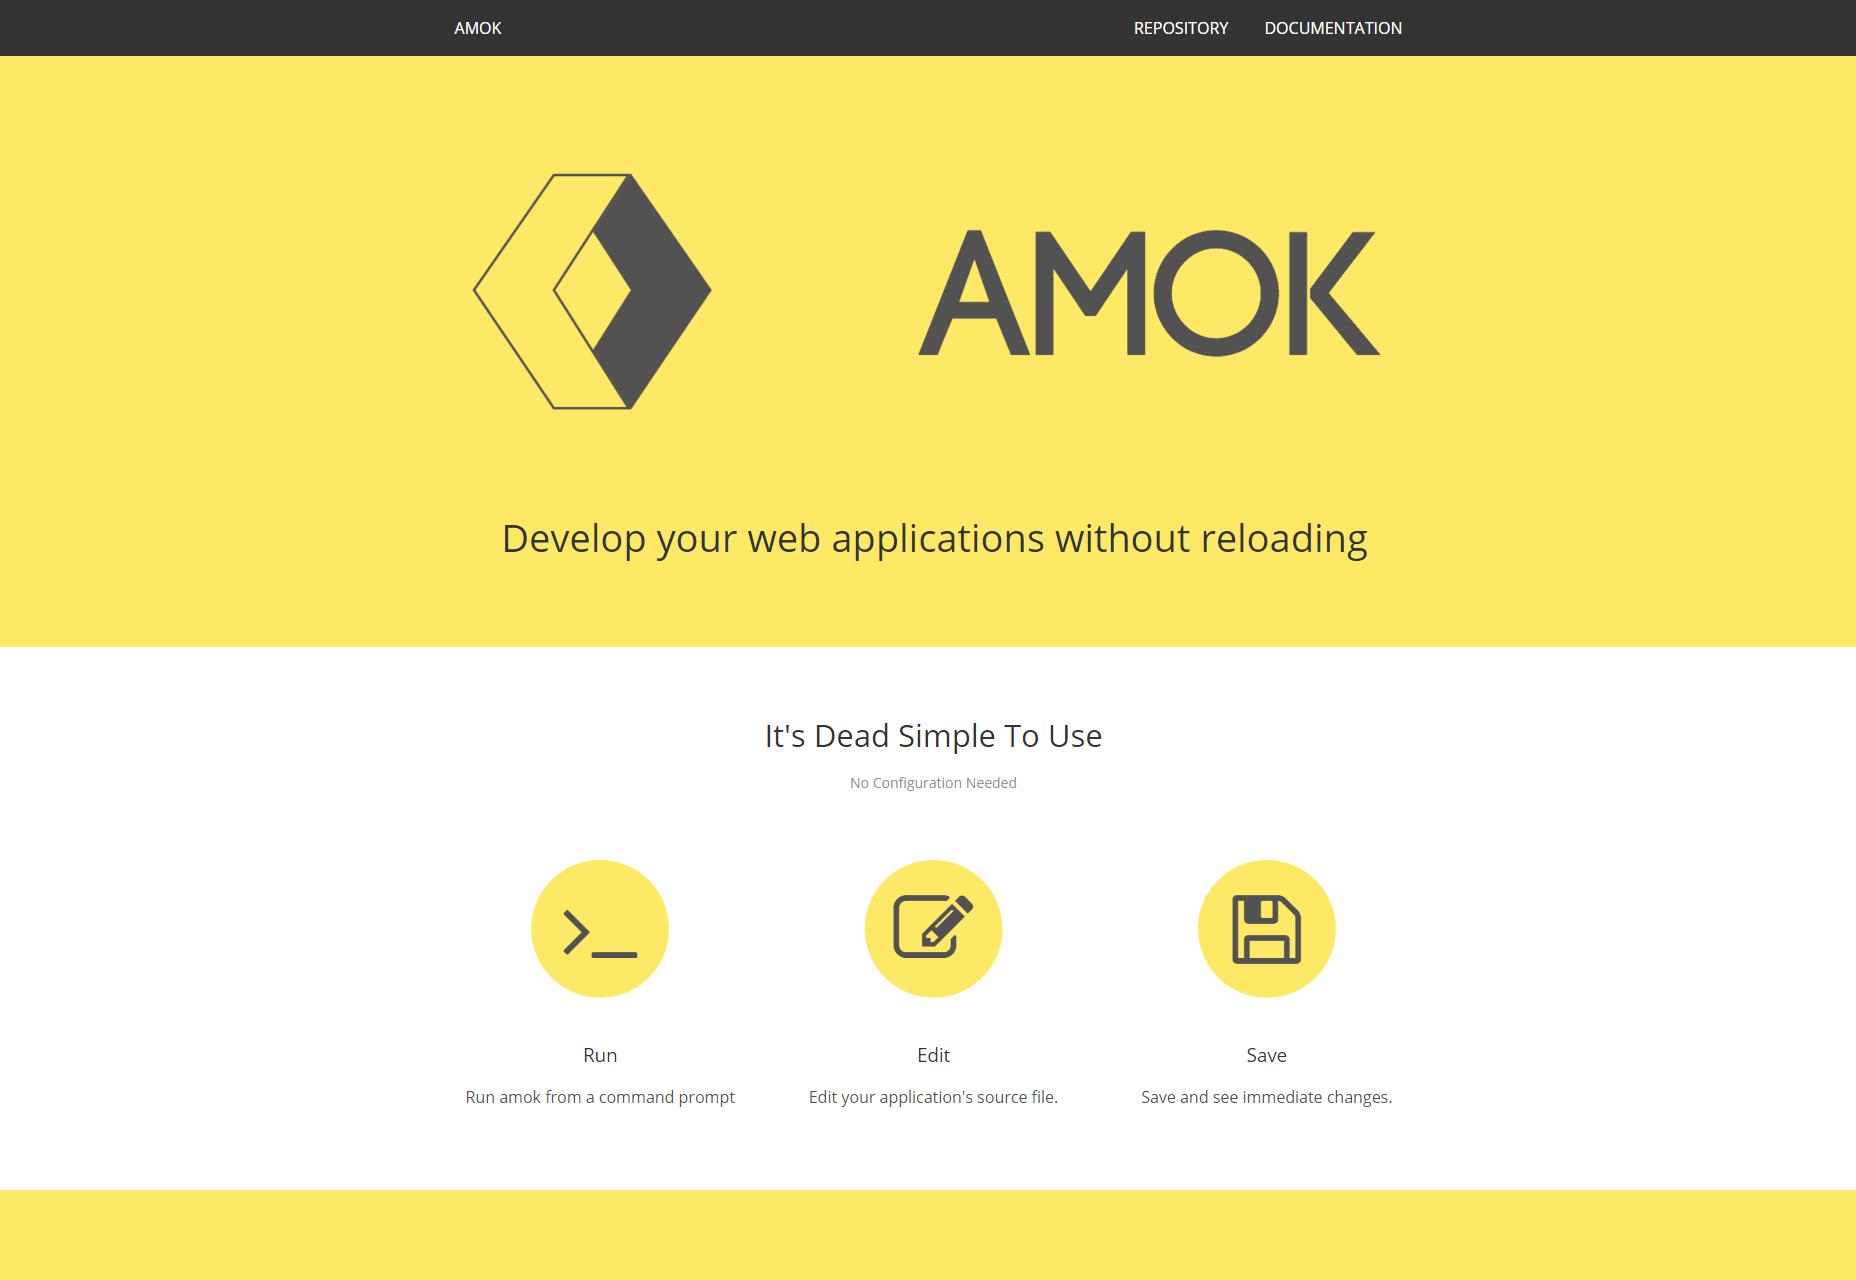 Amok: desarrolle su aplicación web sin recargar